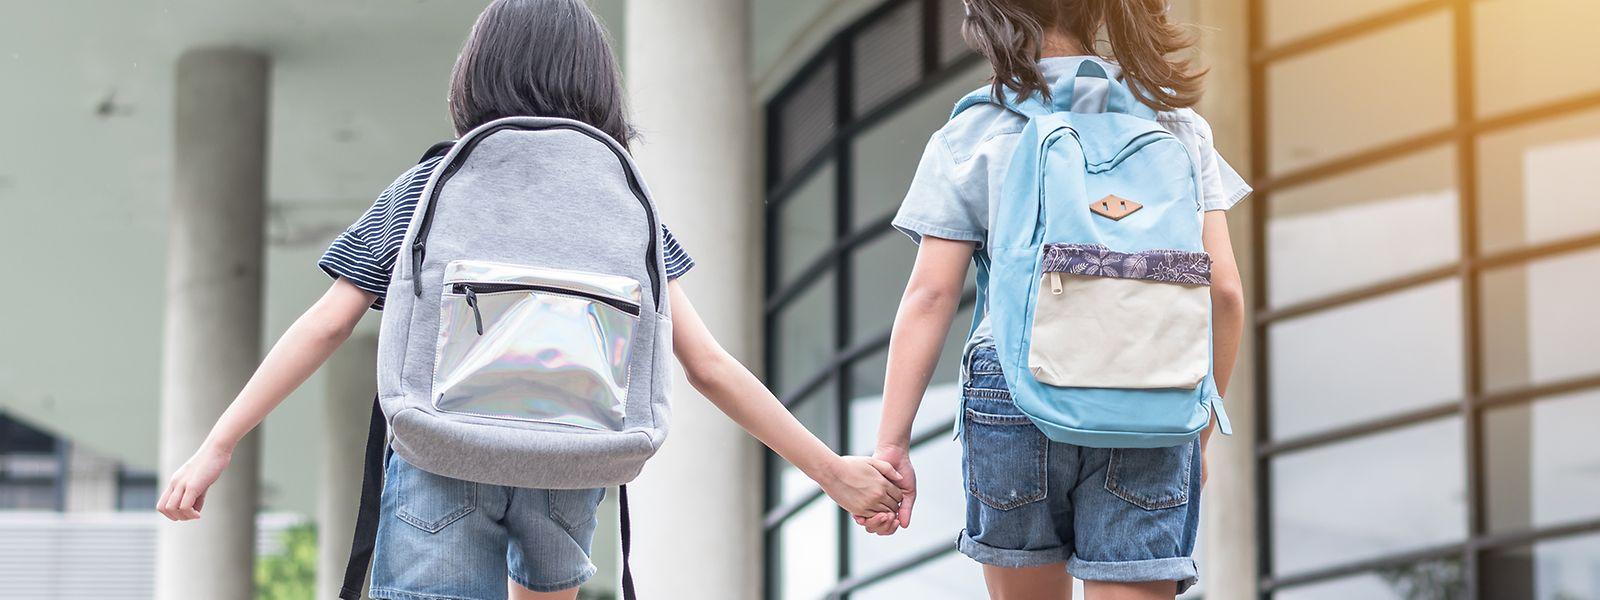 In den meisten Grundschulen in Luxemburg beginnt der Unterricht um 7.50 oder um 8 Uhr.